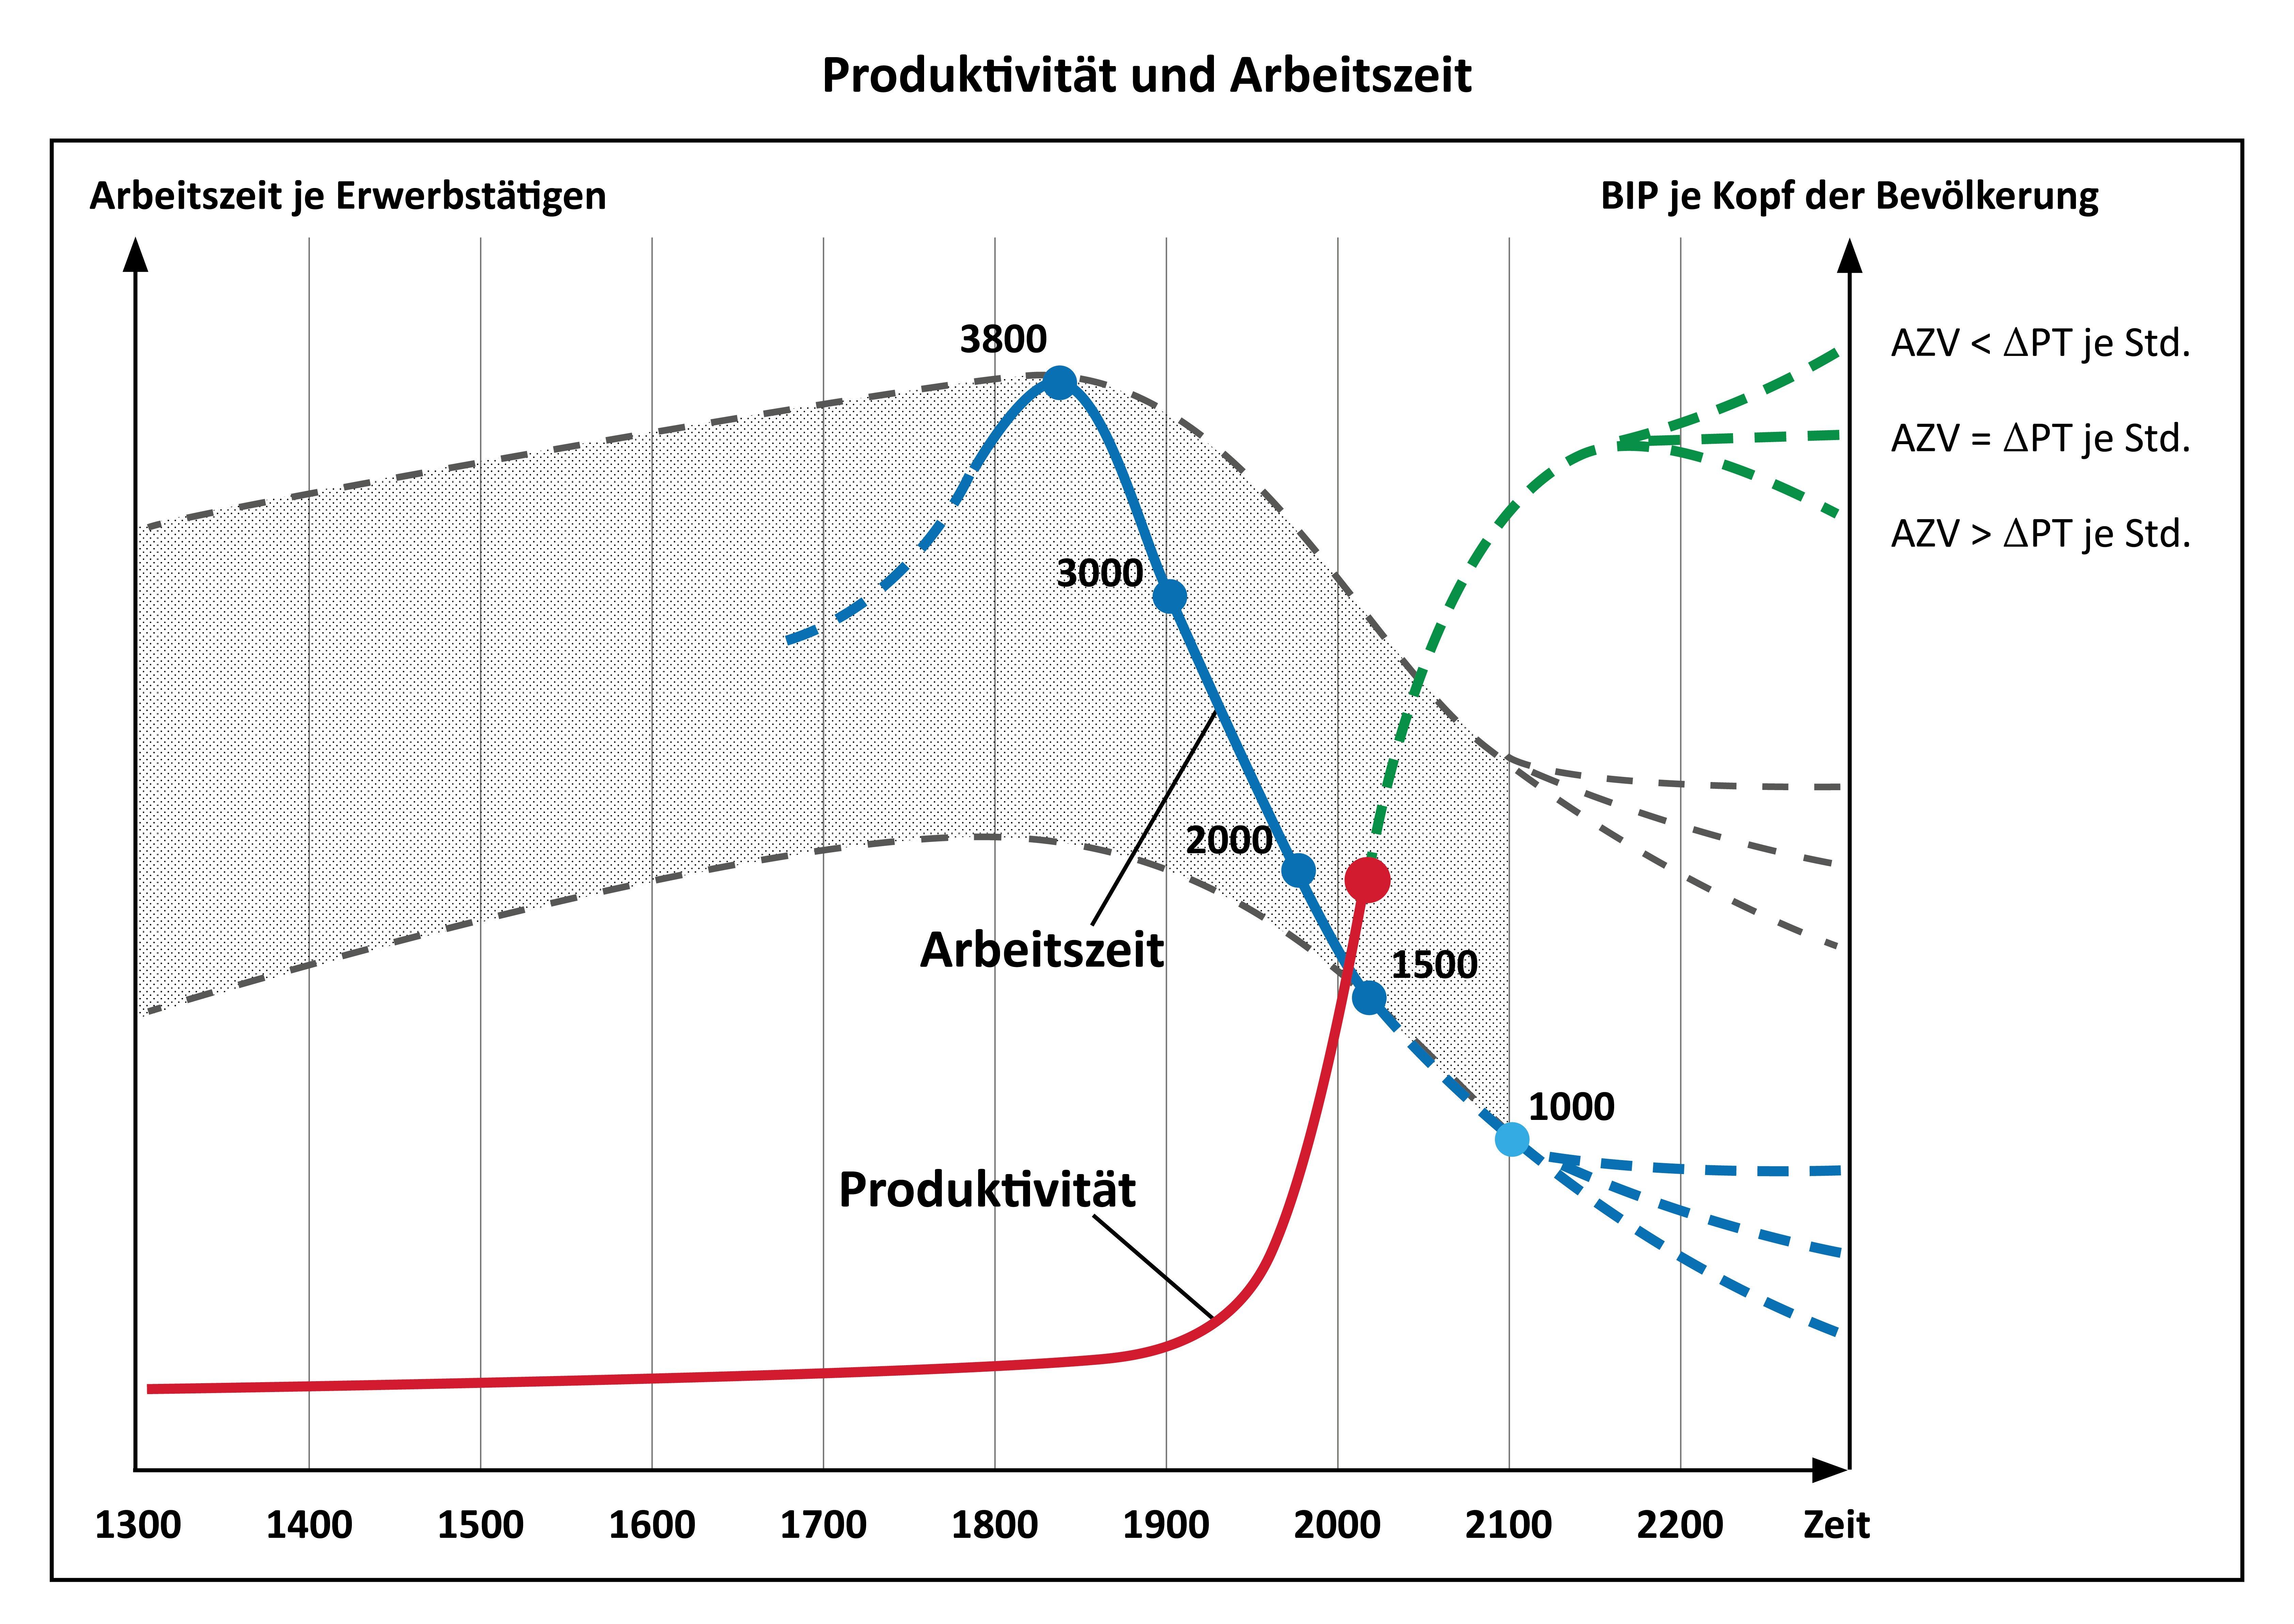 Produktivität und Arbeitszeit